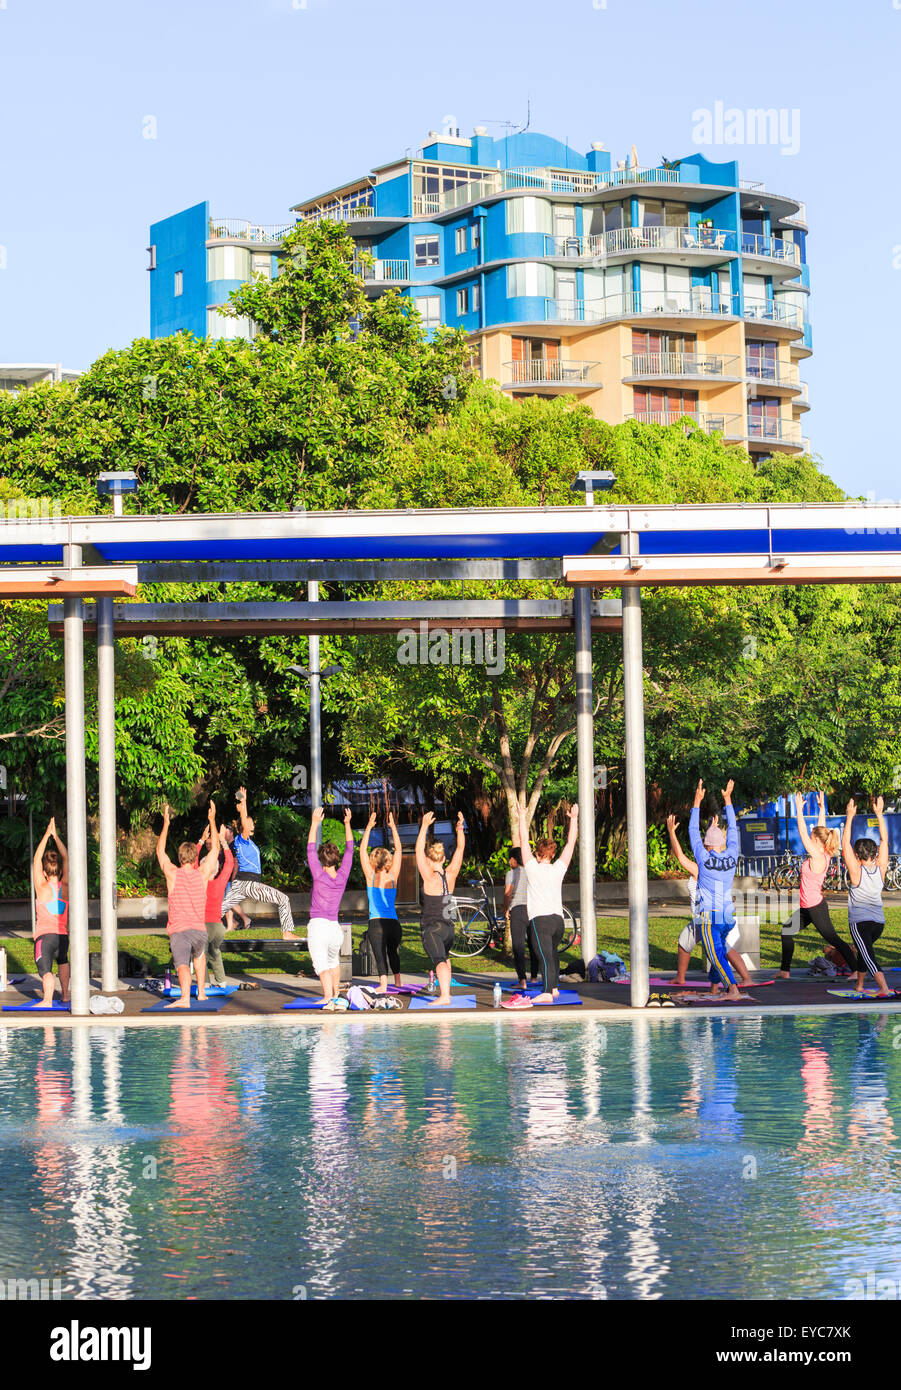 Un gruppo misto di uomini e donne in una classe di yoga accanto ad una piscina esterna in Cairns, Australia Immagini Stock